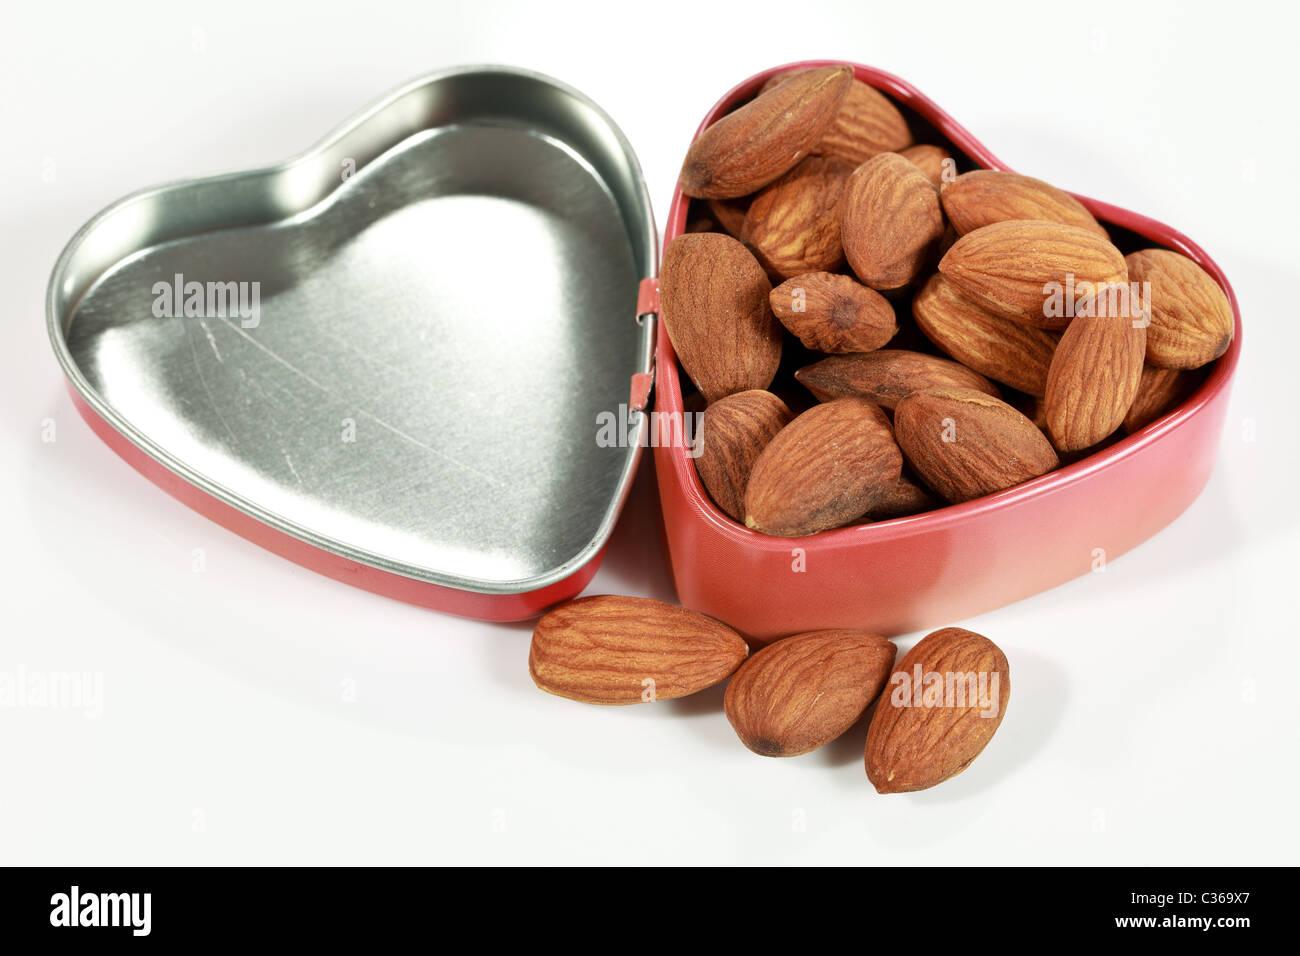 Amandes brutes dans une jolie boîte en forme de coeur les amandes sont une bonne indication de l'alimentation Photo Stock